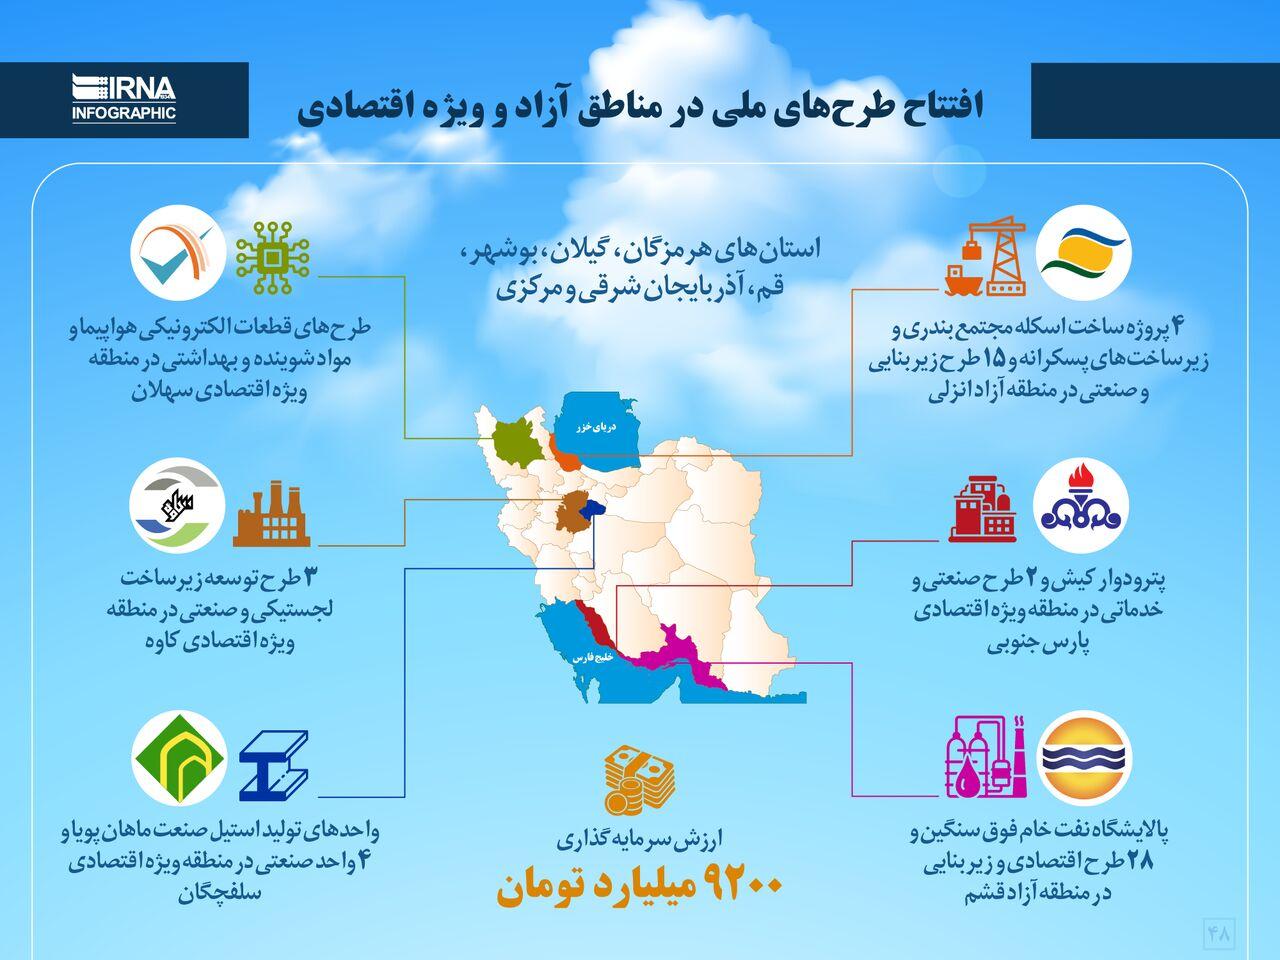 افتتاح طرحهای ملی در مناطق آزاد و ویژه اقتصادی